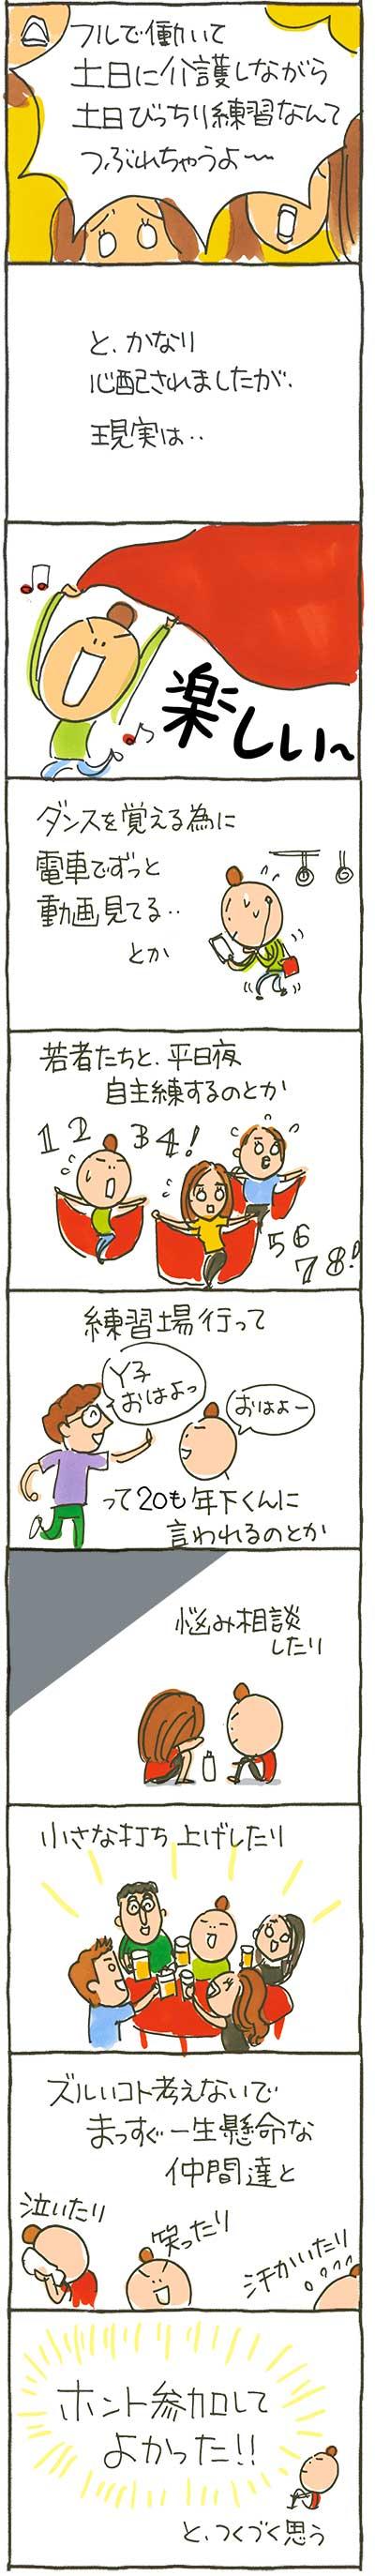 160701みゅ02